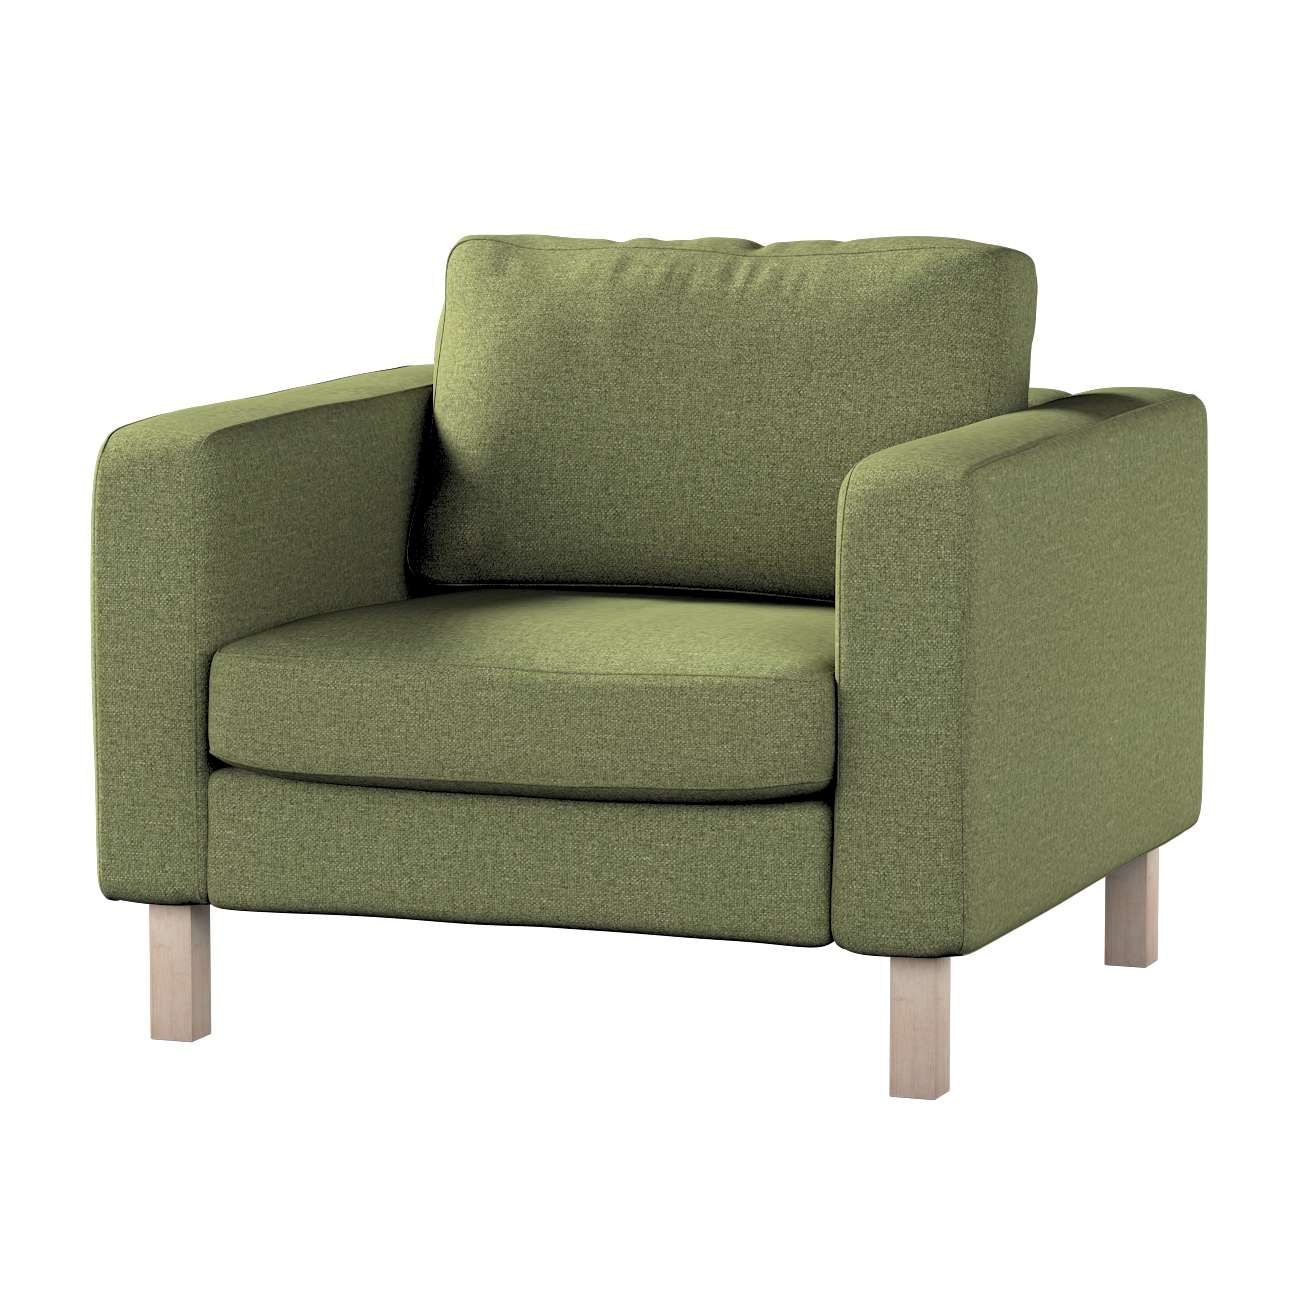 Karlstad päällinen nojatuoli mallistosta Madrid, Kangas: 161-22